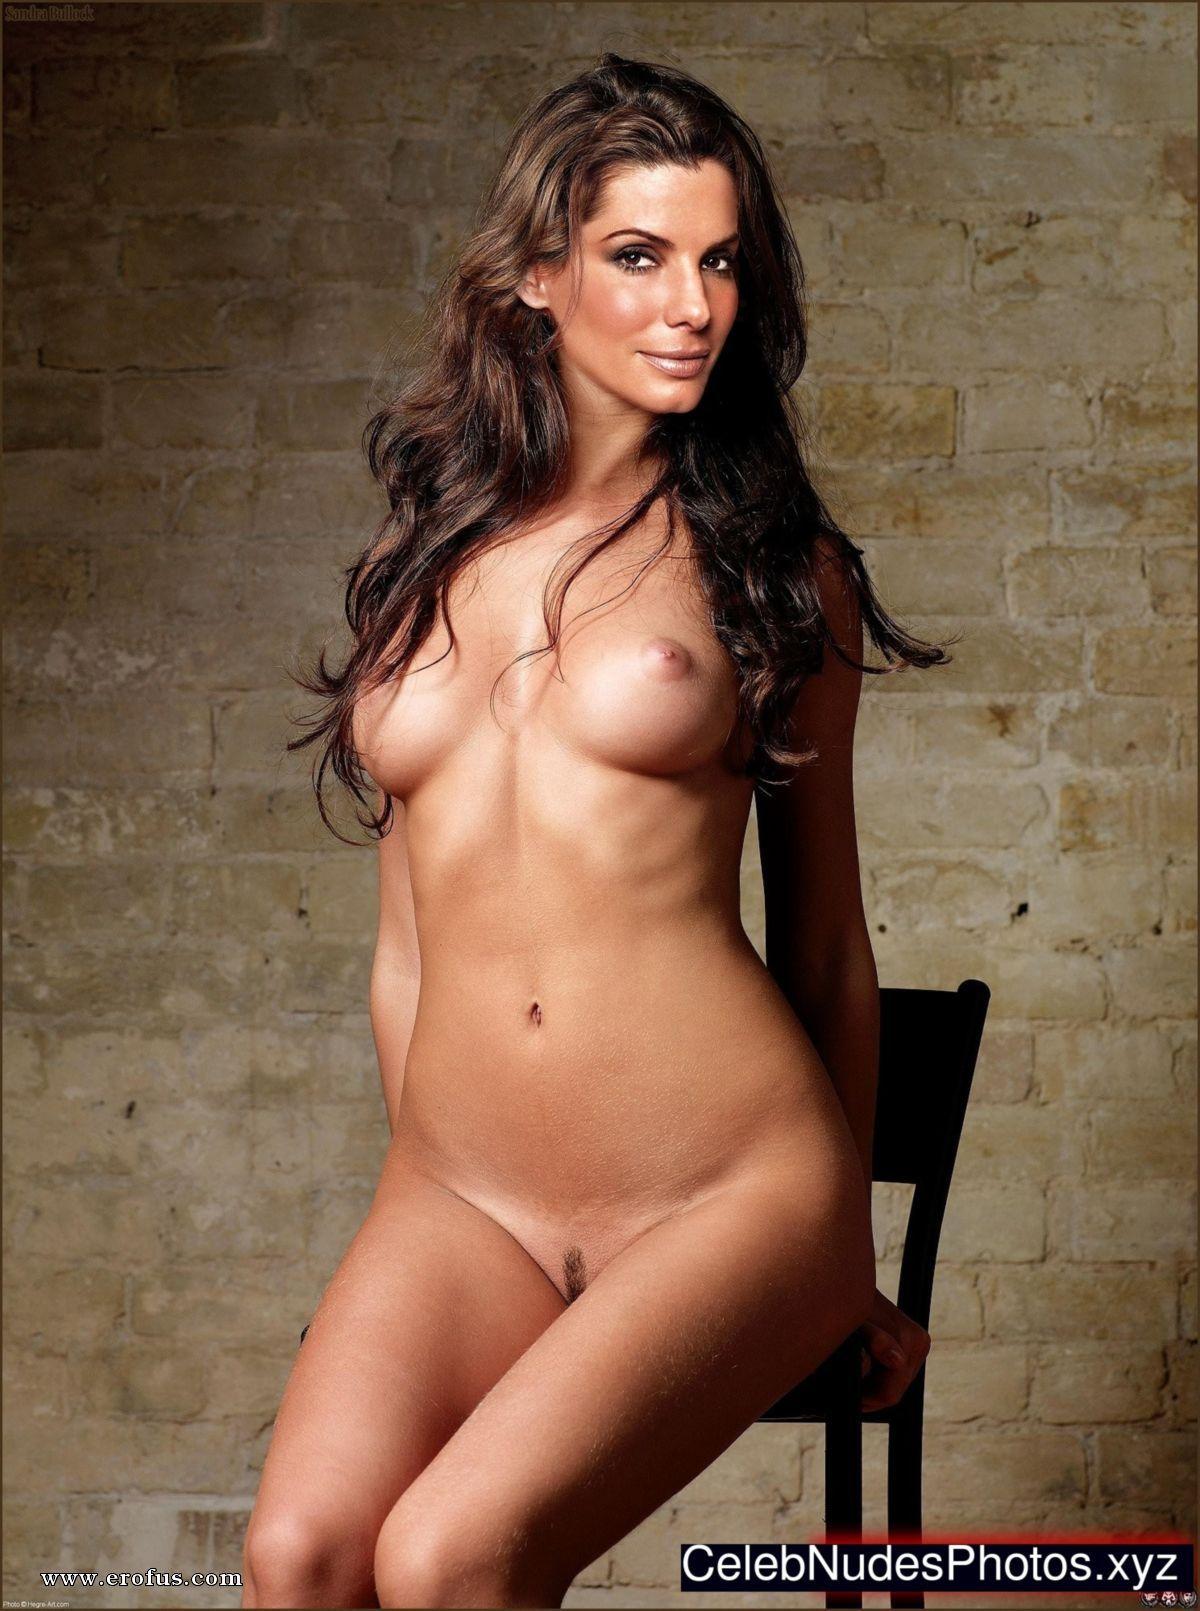 Nude pics bullock sandra Sandra Bullock